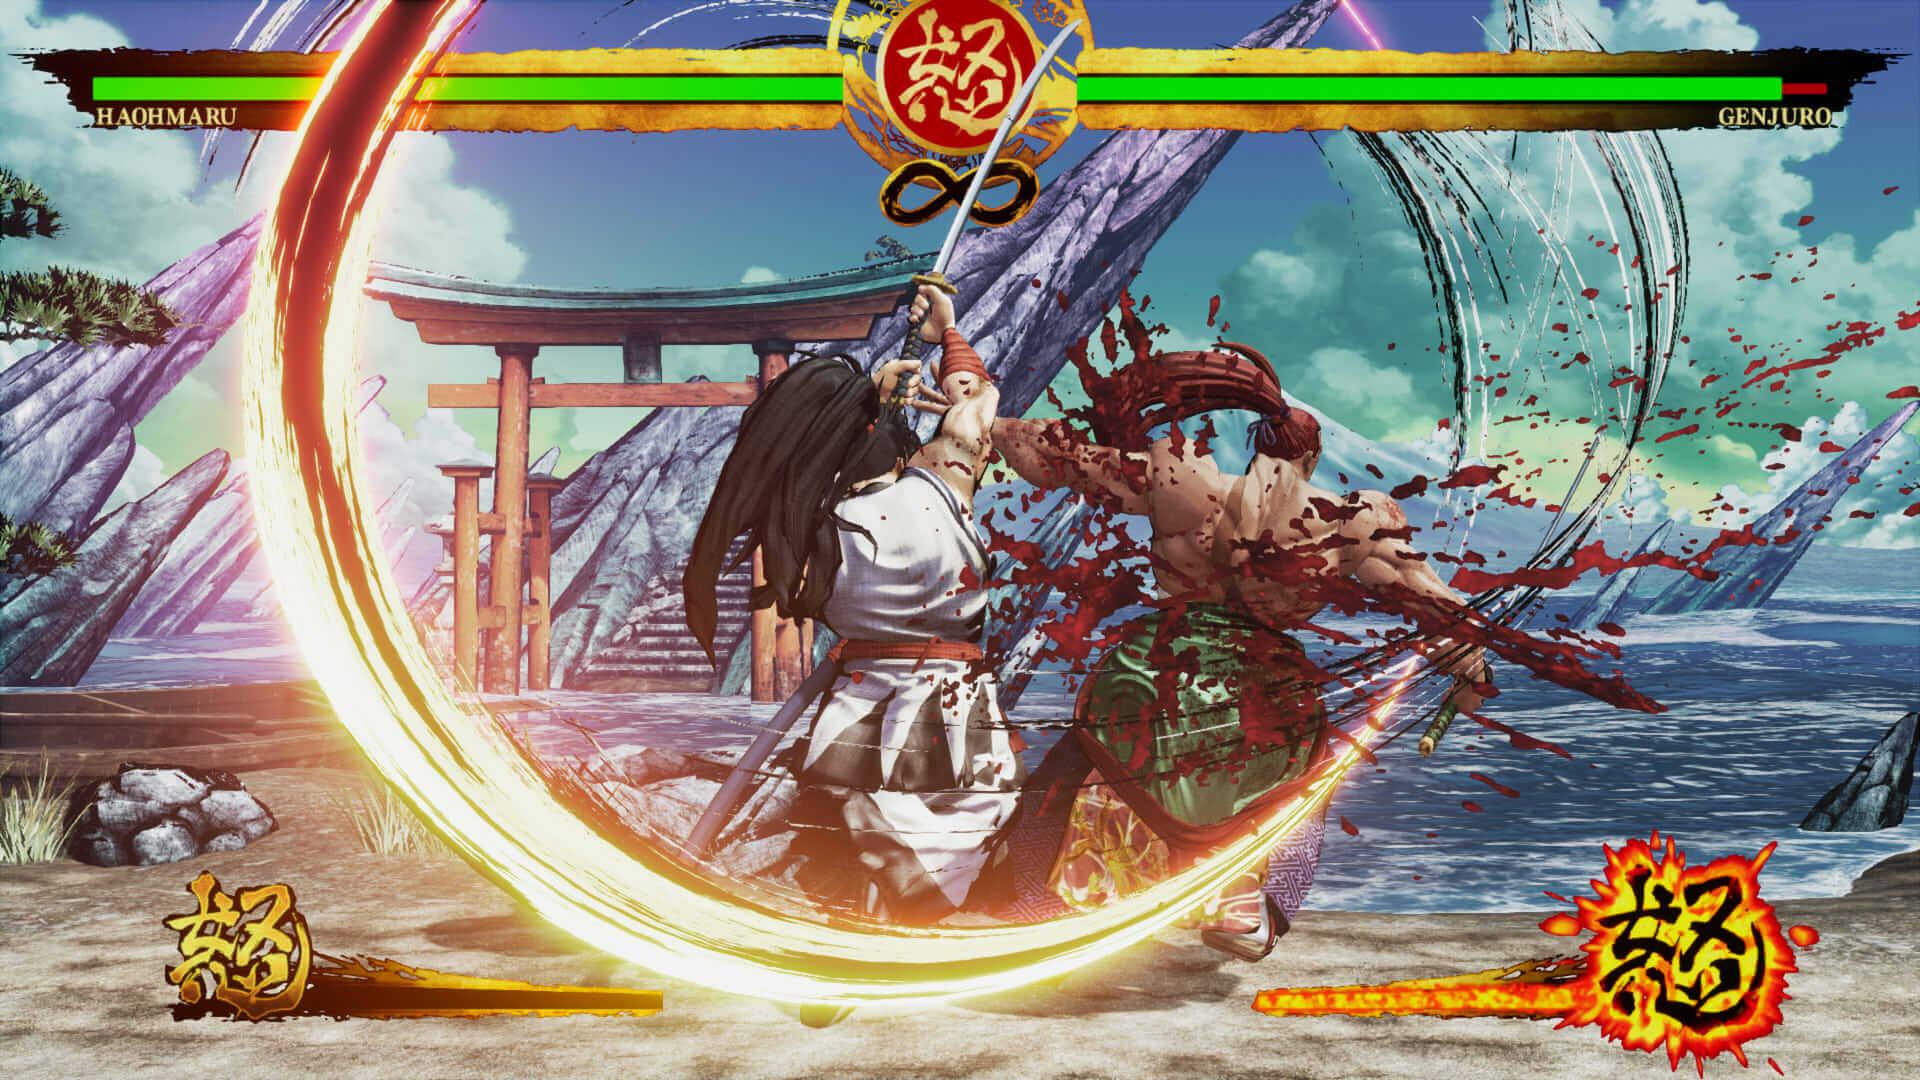 《侍魂 晓 Samurai Spirits》中文版百度云迅雷下载2.0